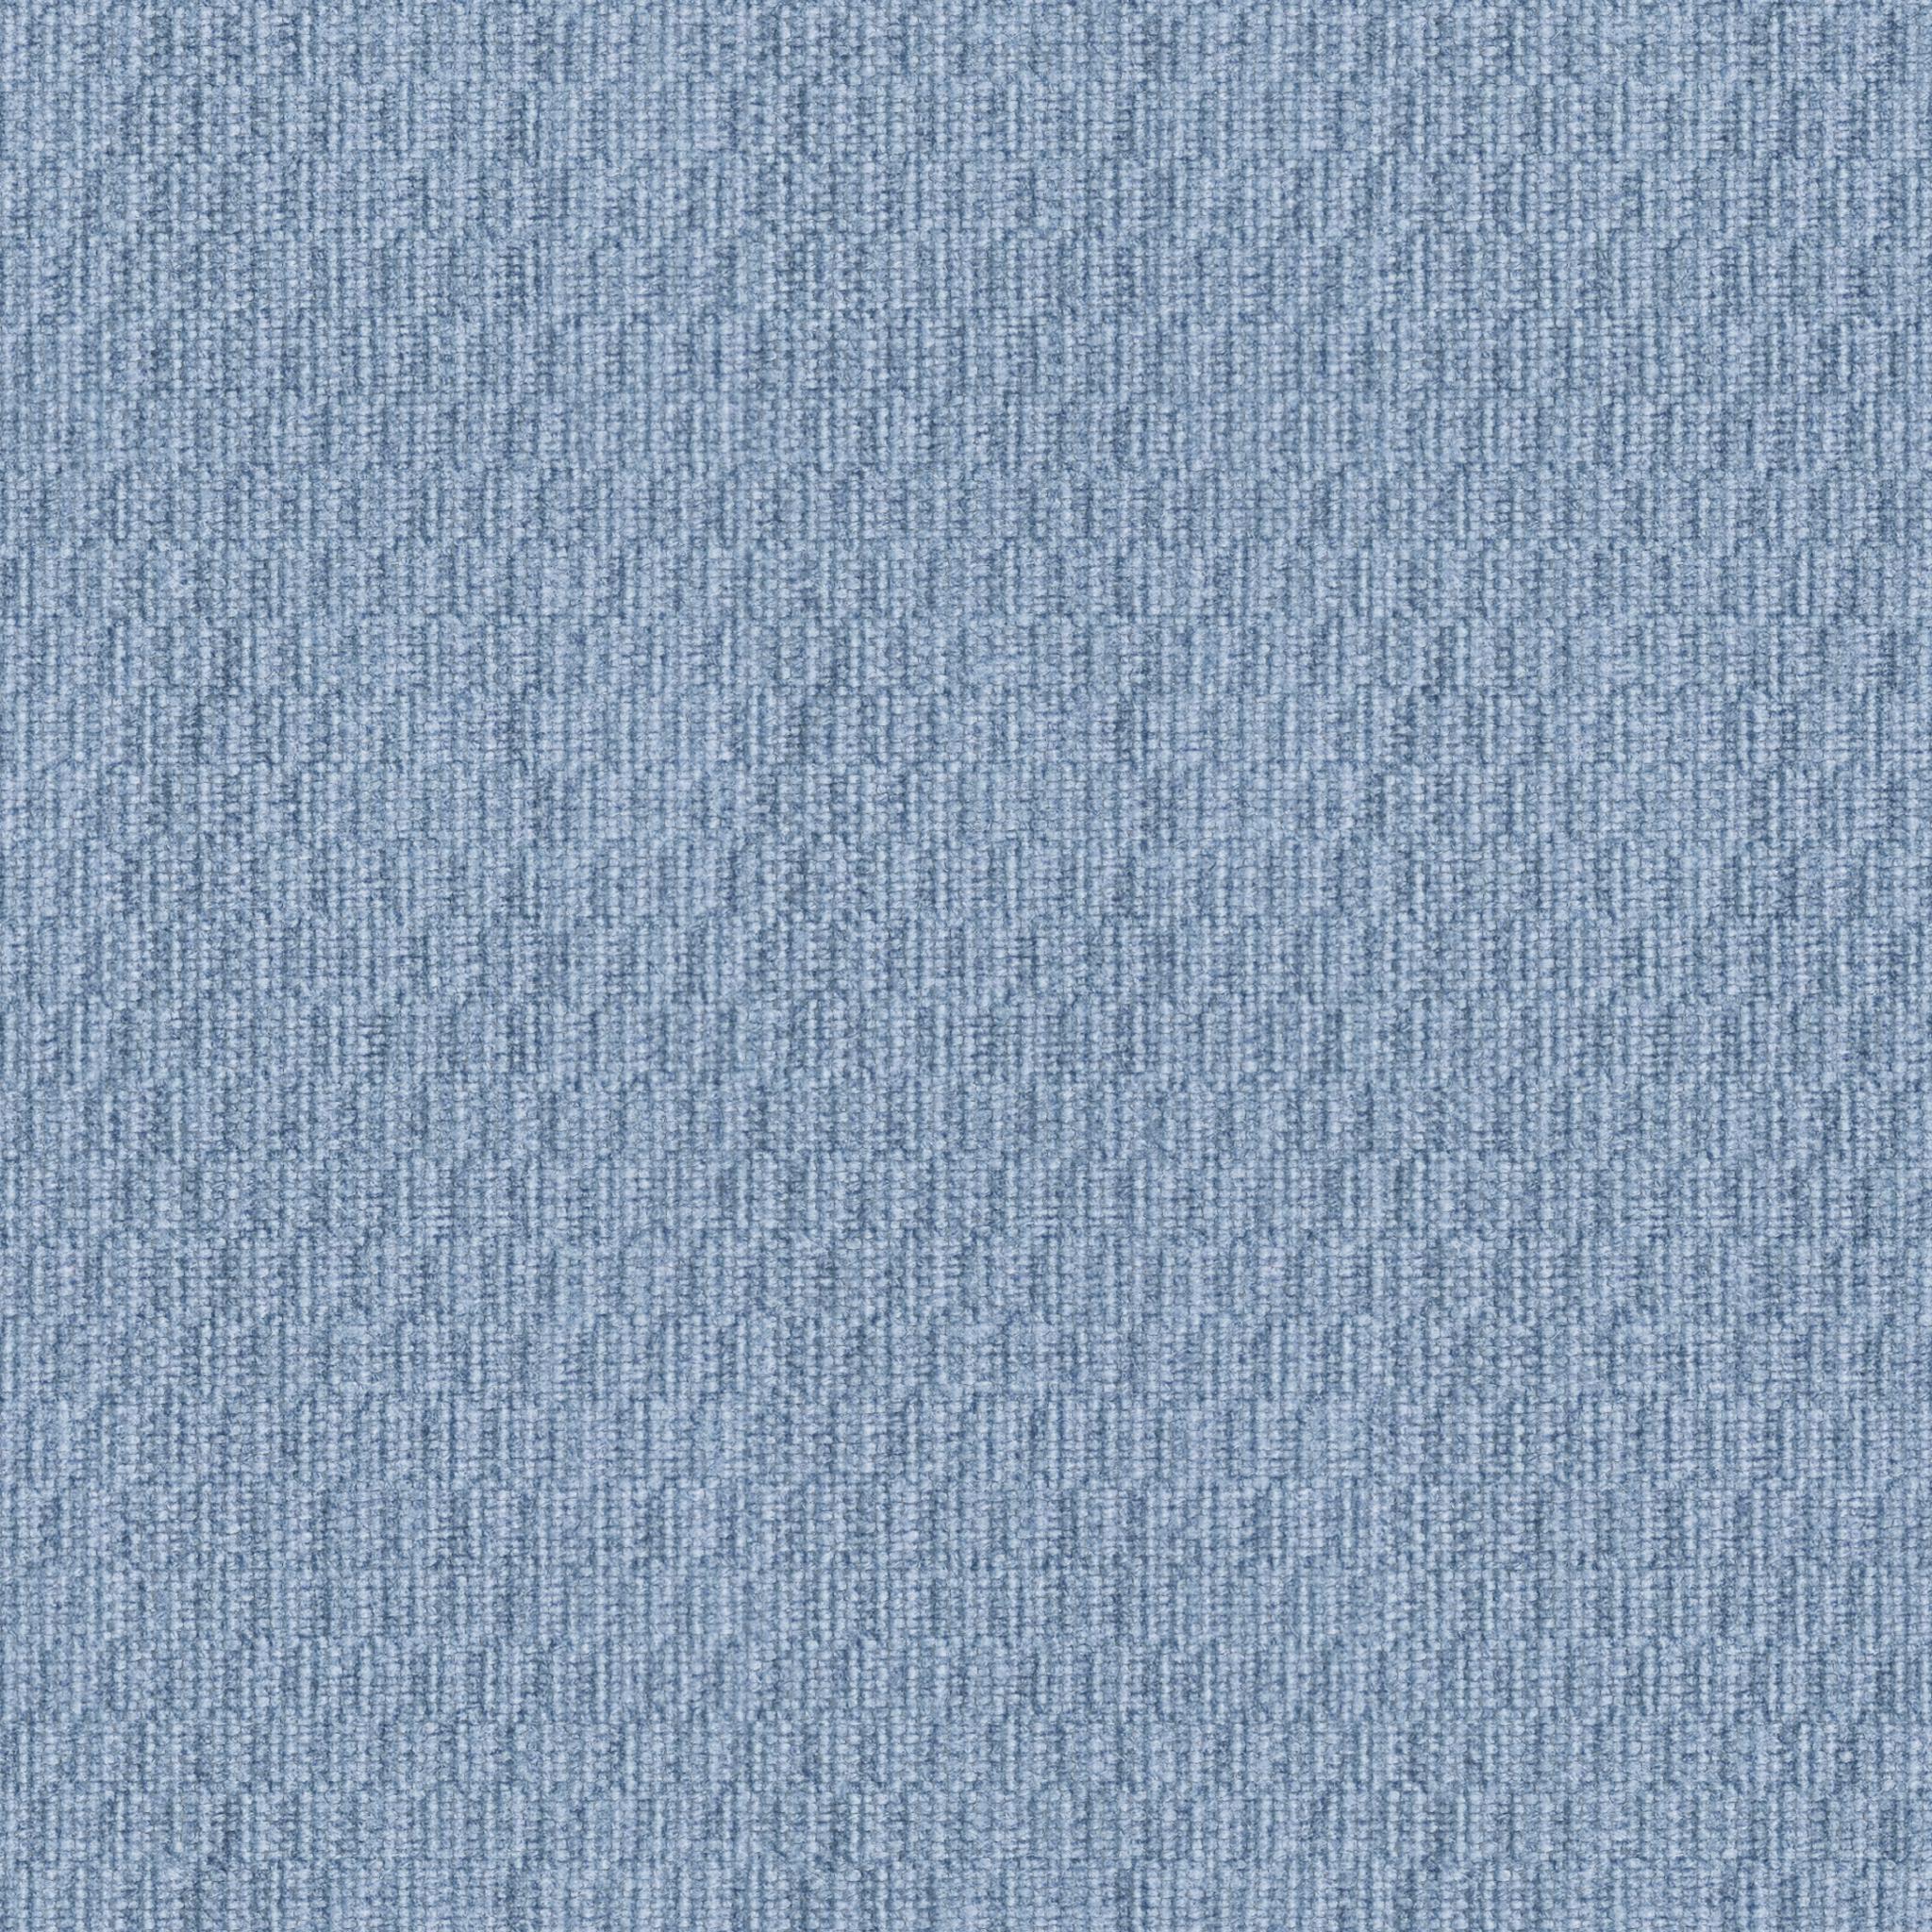 Blue Honecomb.jpg